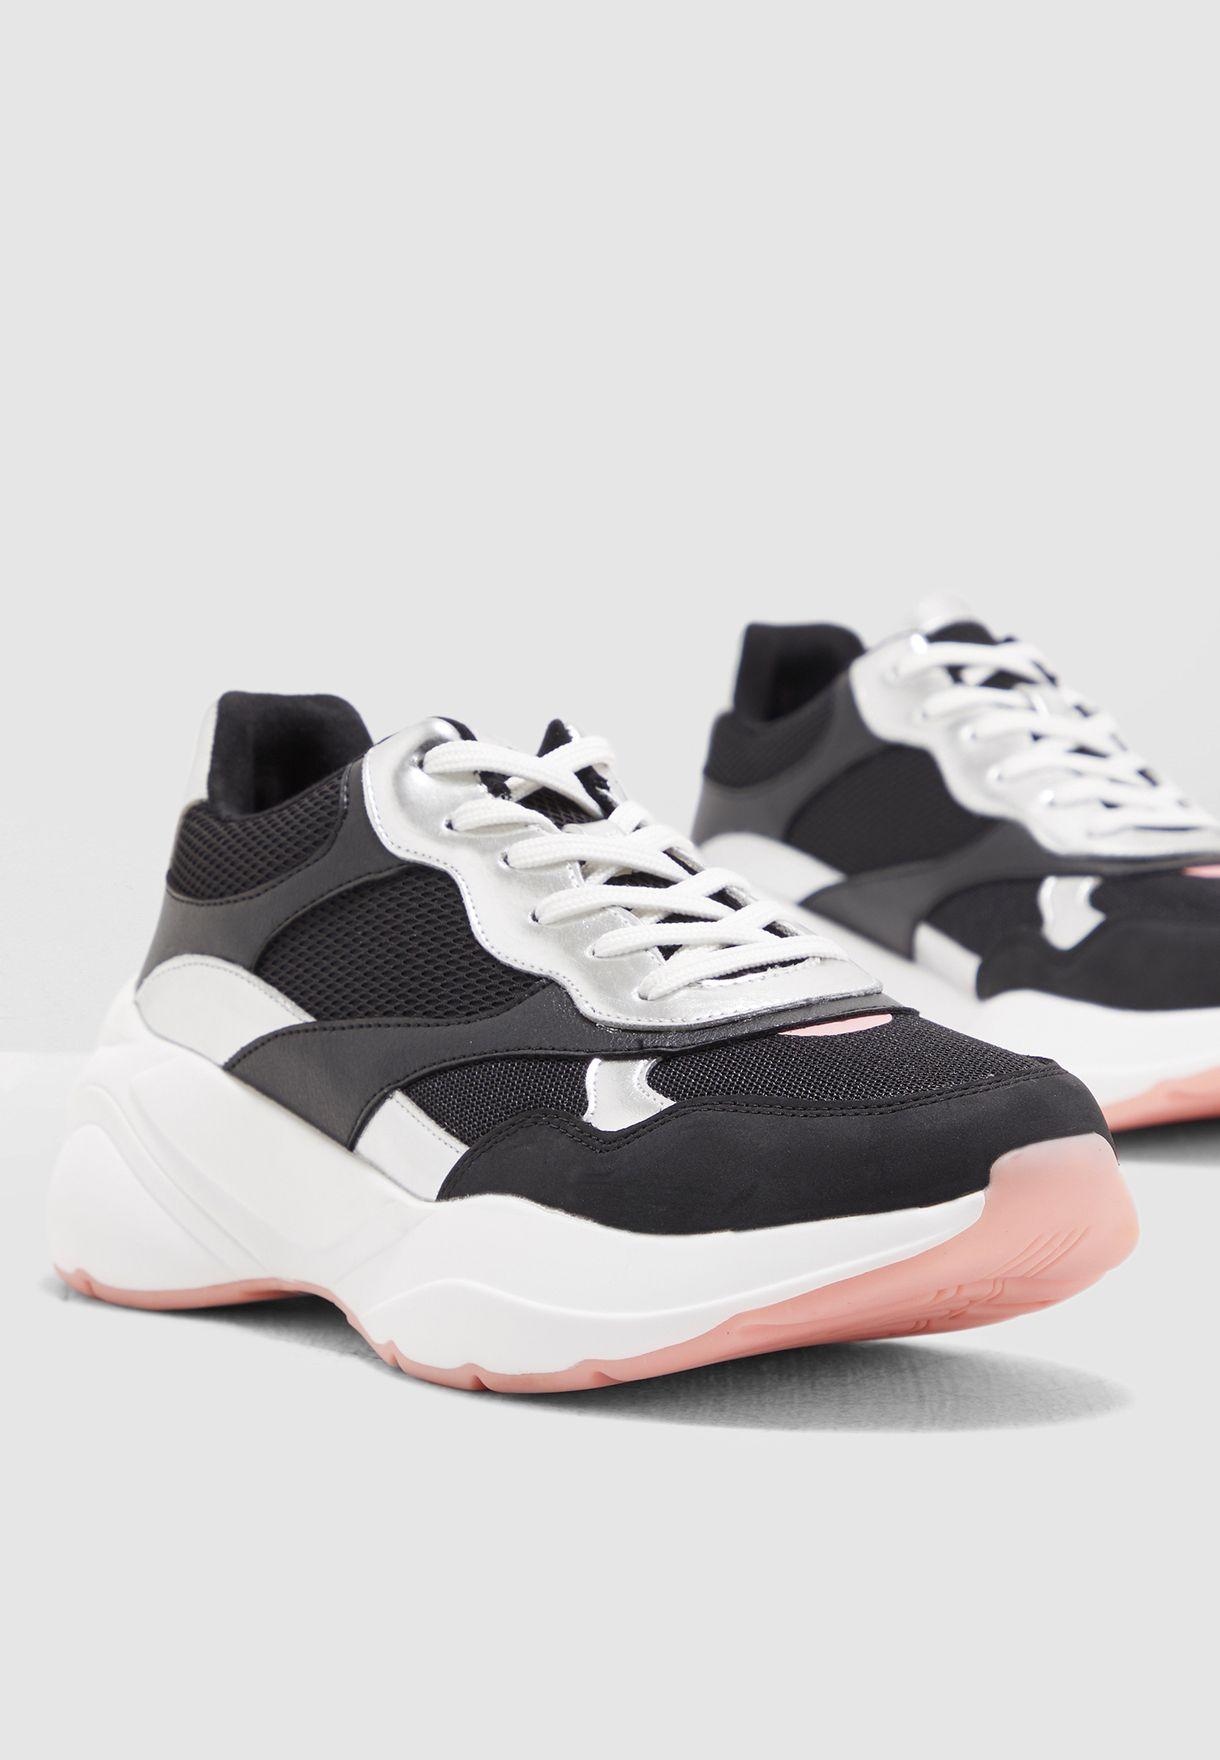 fc744b5e5449 Shop Aldo multicolor Merurka Sneaker MERURKA96 for Women in Qatar -  17704SH30LGP